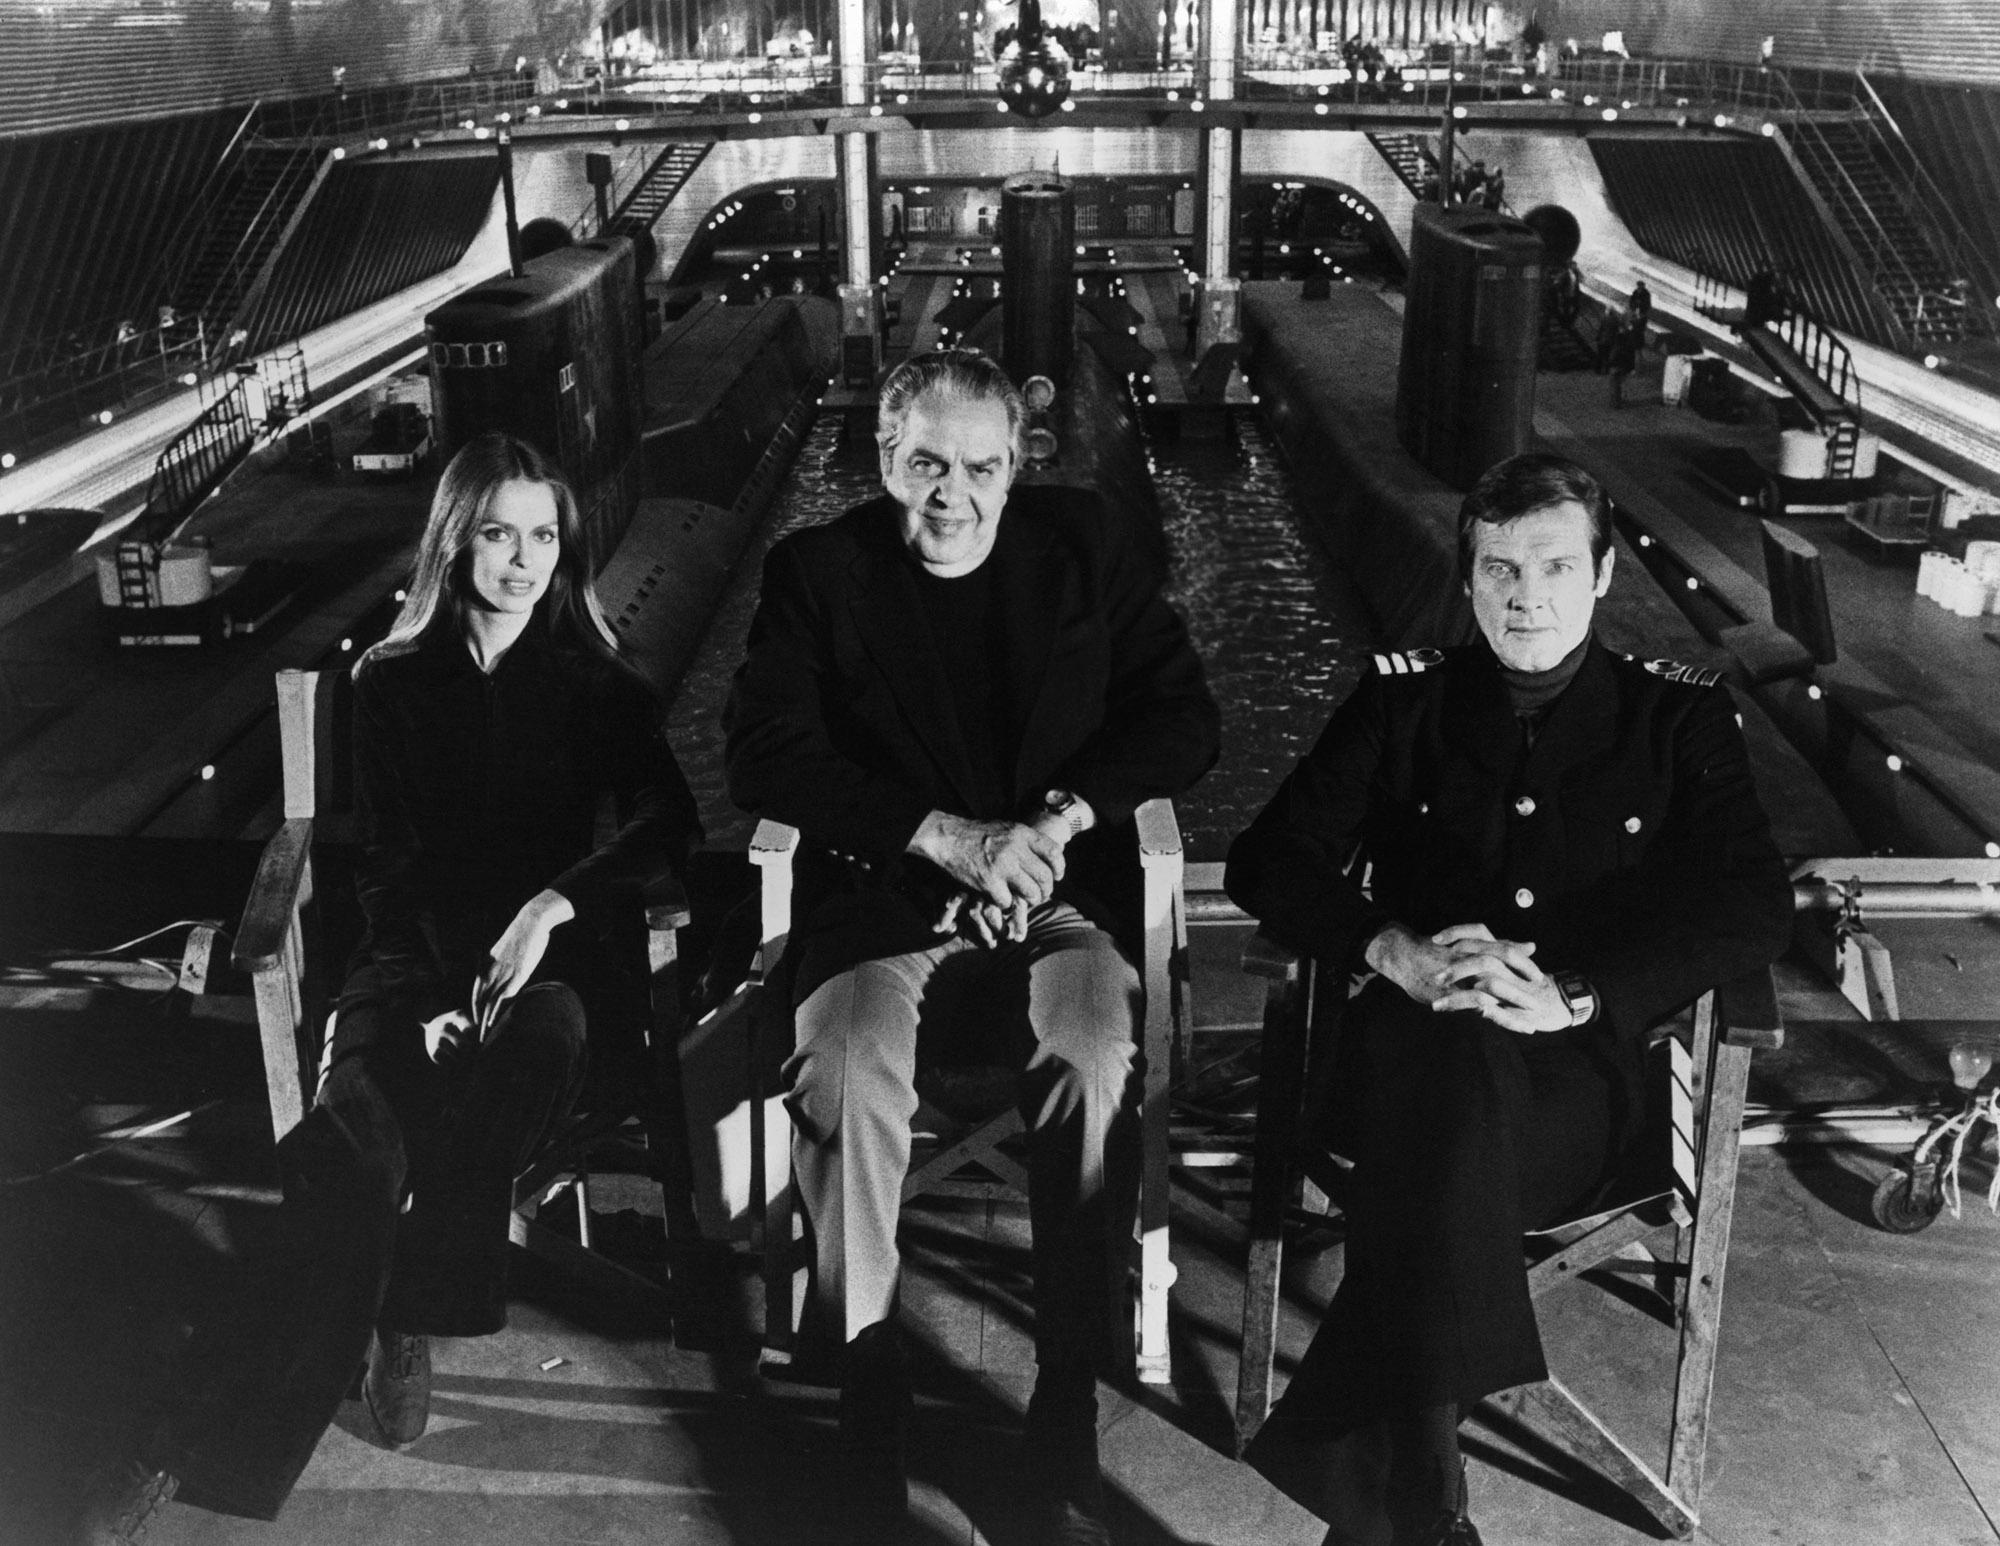 Актеры Барбара Бах иРоджер Мур сидят передподводным танком вPinewood Studios вместе спродюсером Альбертом Р. Брокколи во время создания фильма оДжеймсе Бонде «Шпион, который меня любил», 1977